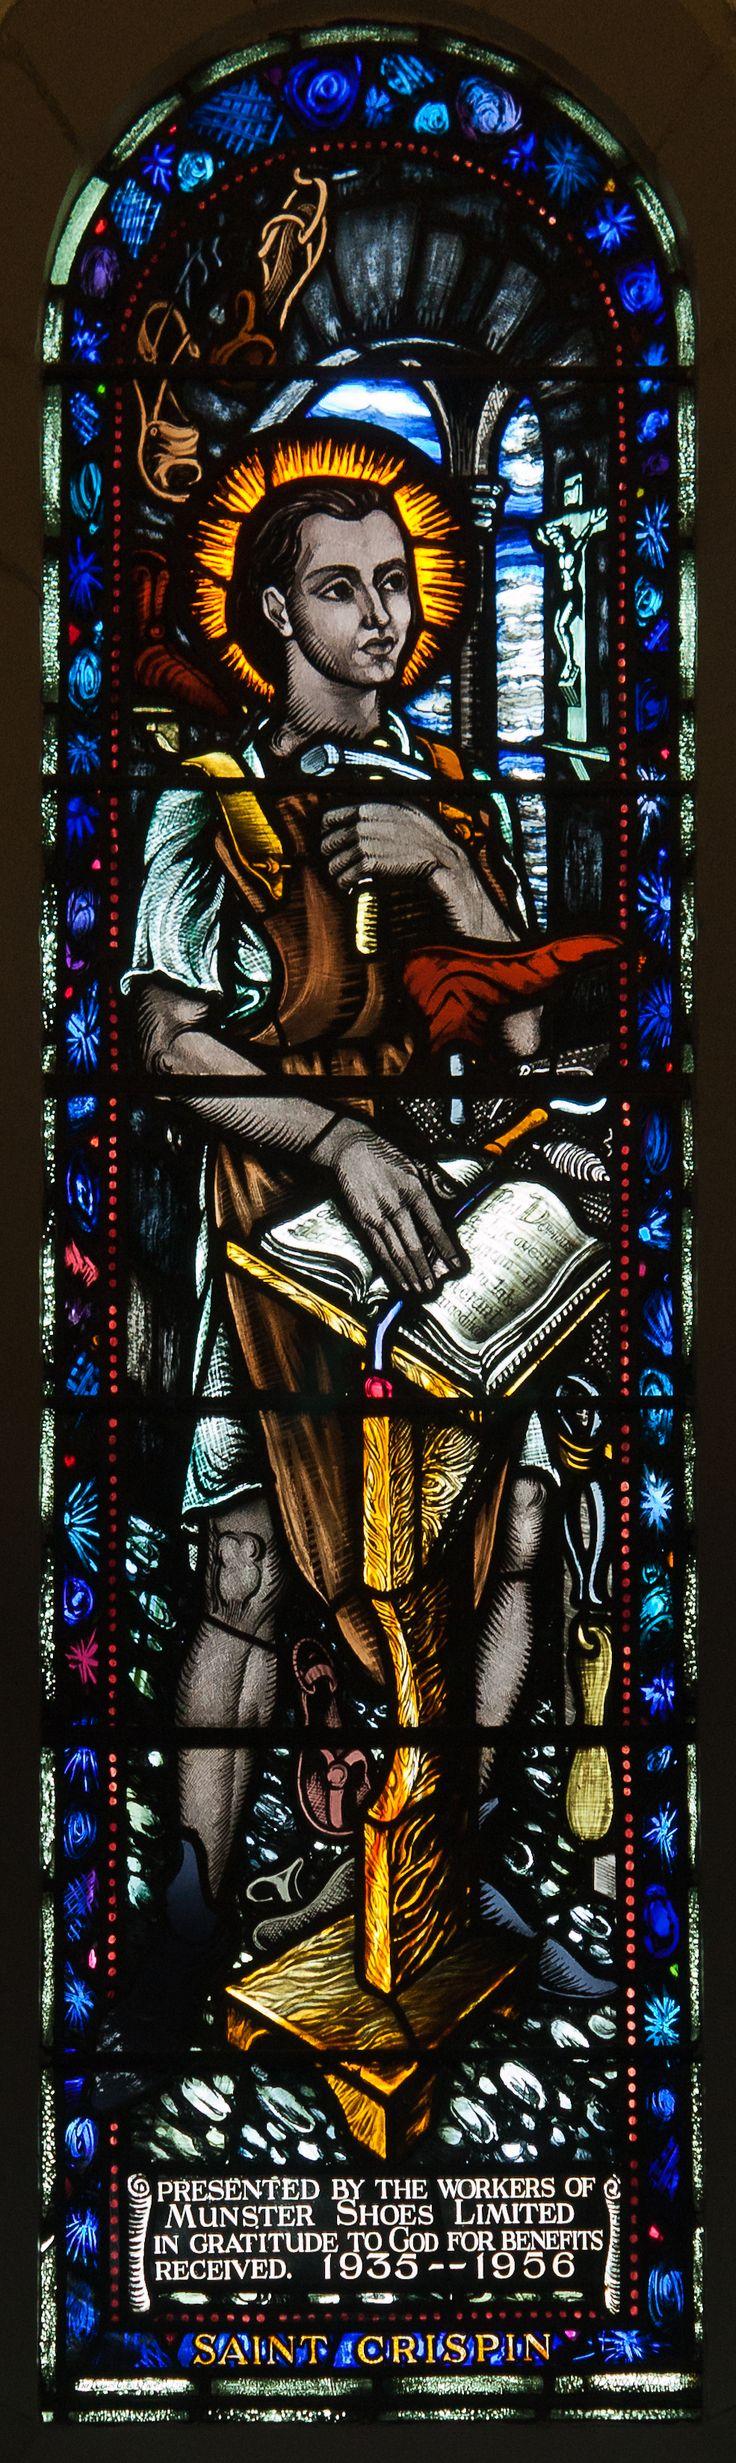 Saint Crépin (St Crispin) - Église St Pierre et St Paul - Clonmel, County Tipperary, Irlande